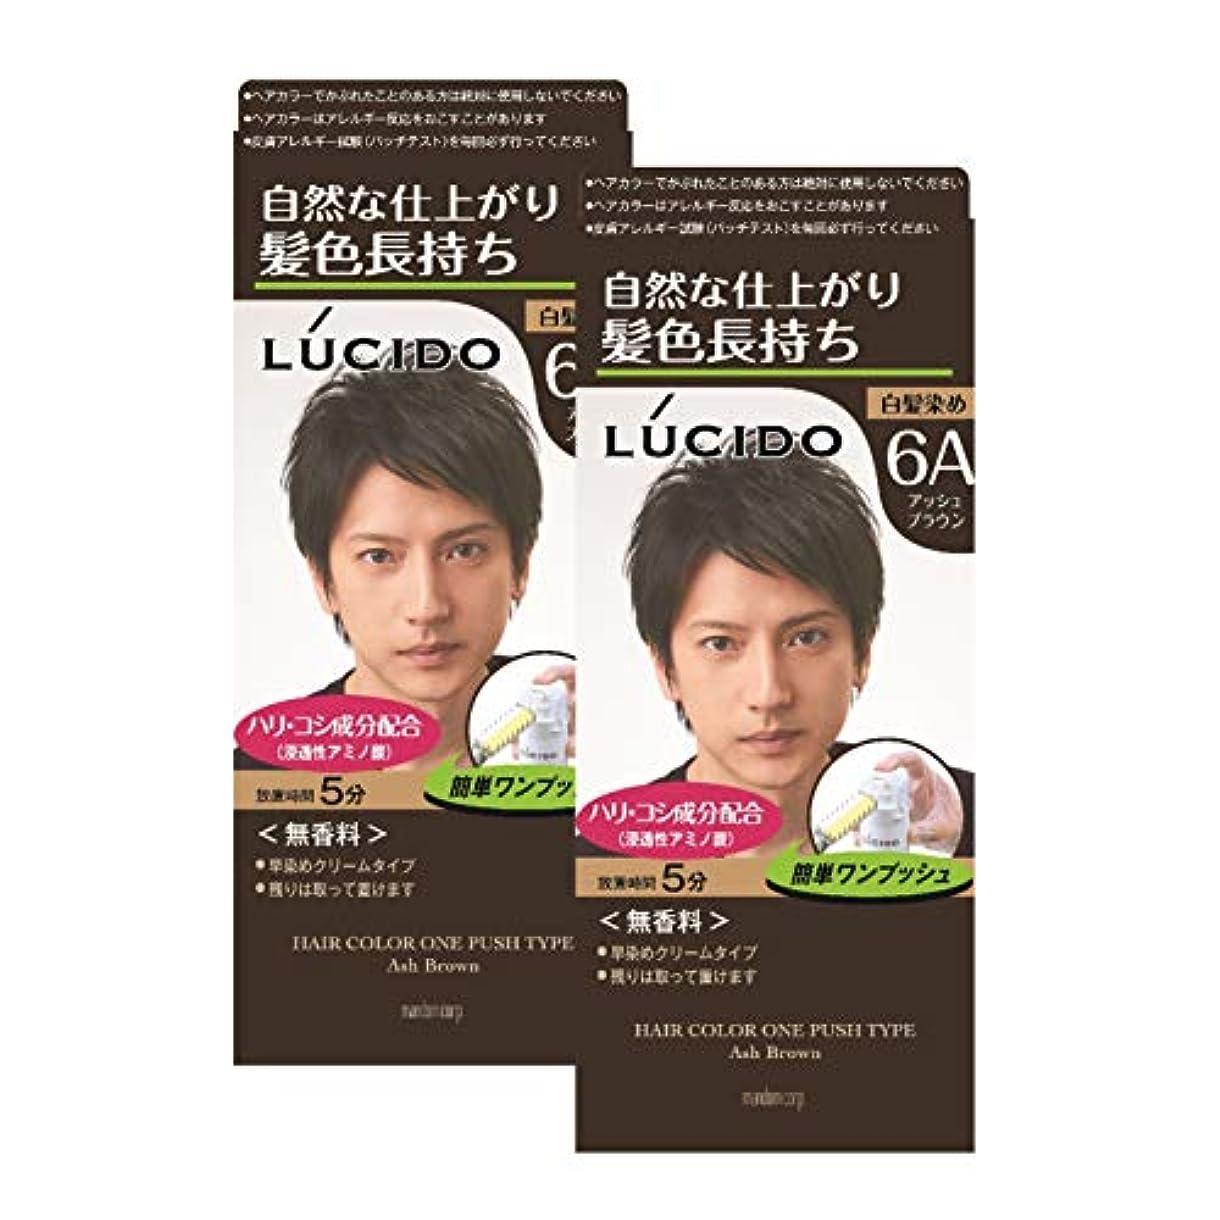 【まとめ買い】ルシード(LUCIDO) ワンプッシュケアカラー アッシュブラウン 2個パック メンズ用 無香料 白髪染め ショートヘア約4回分 (医薬部外品)